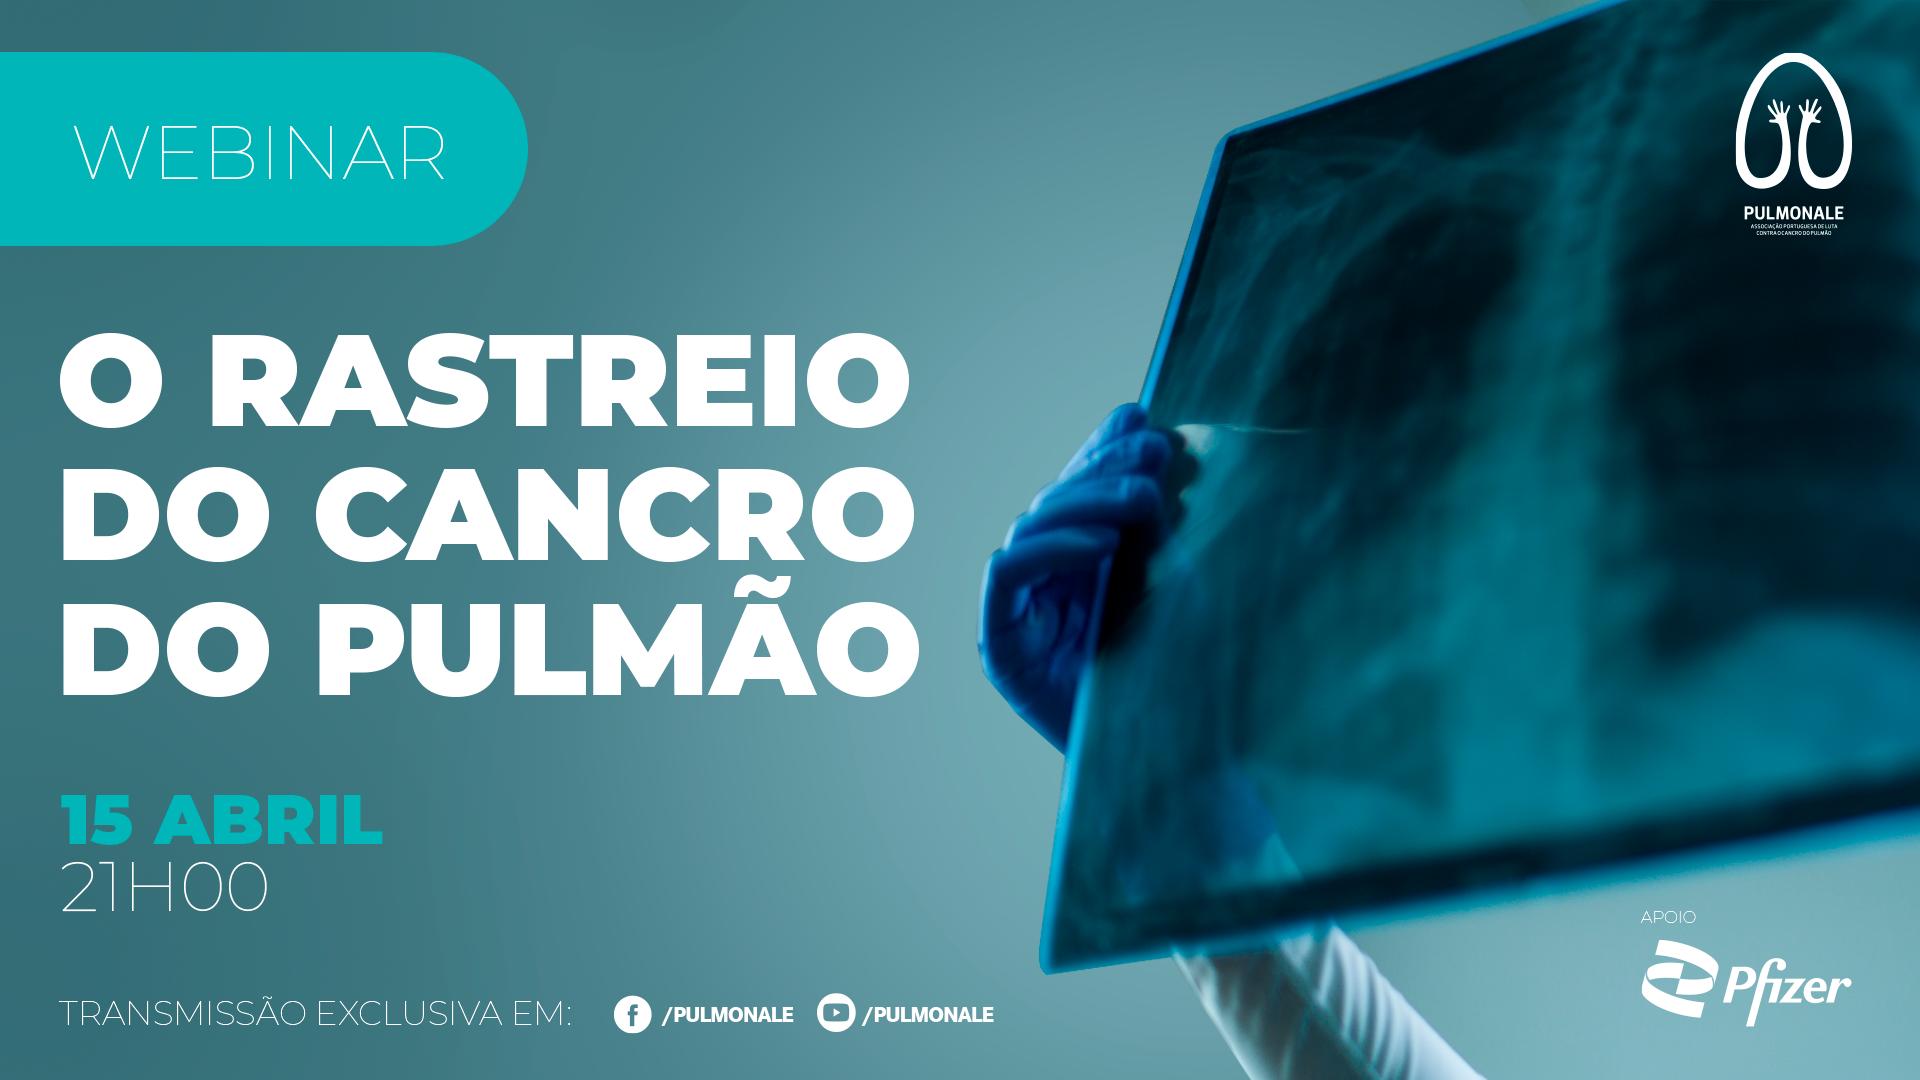 Webinar - Rastreio do Cancro do Pulmão